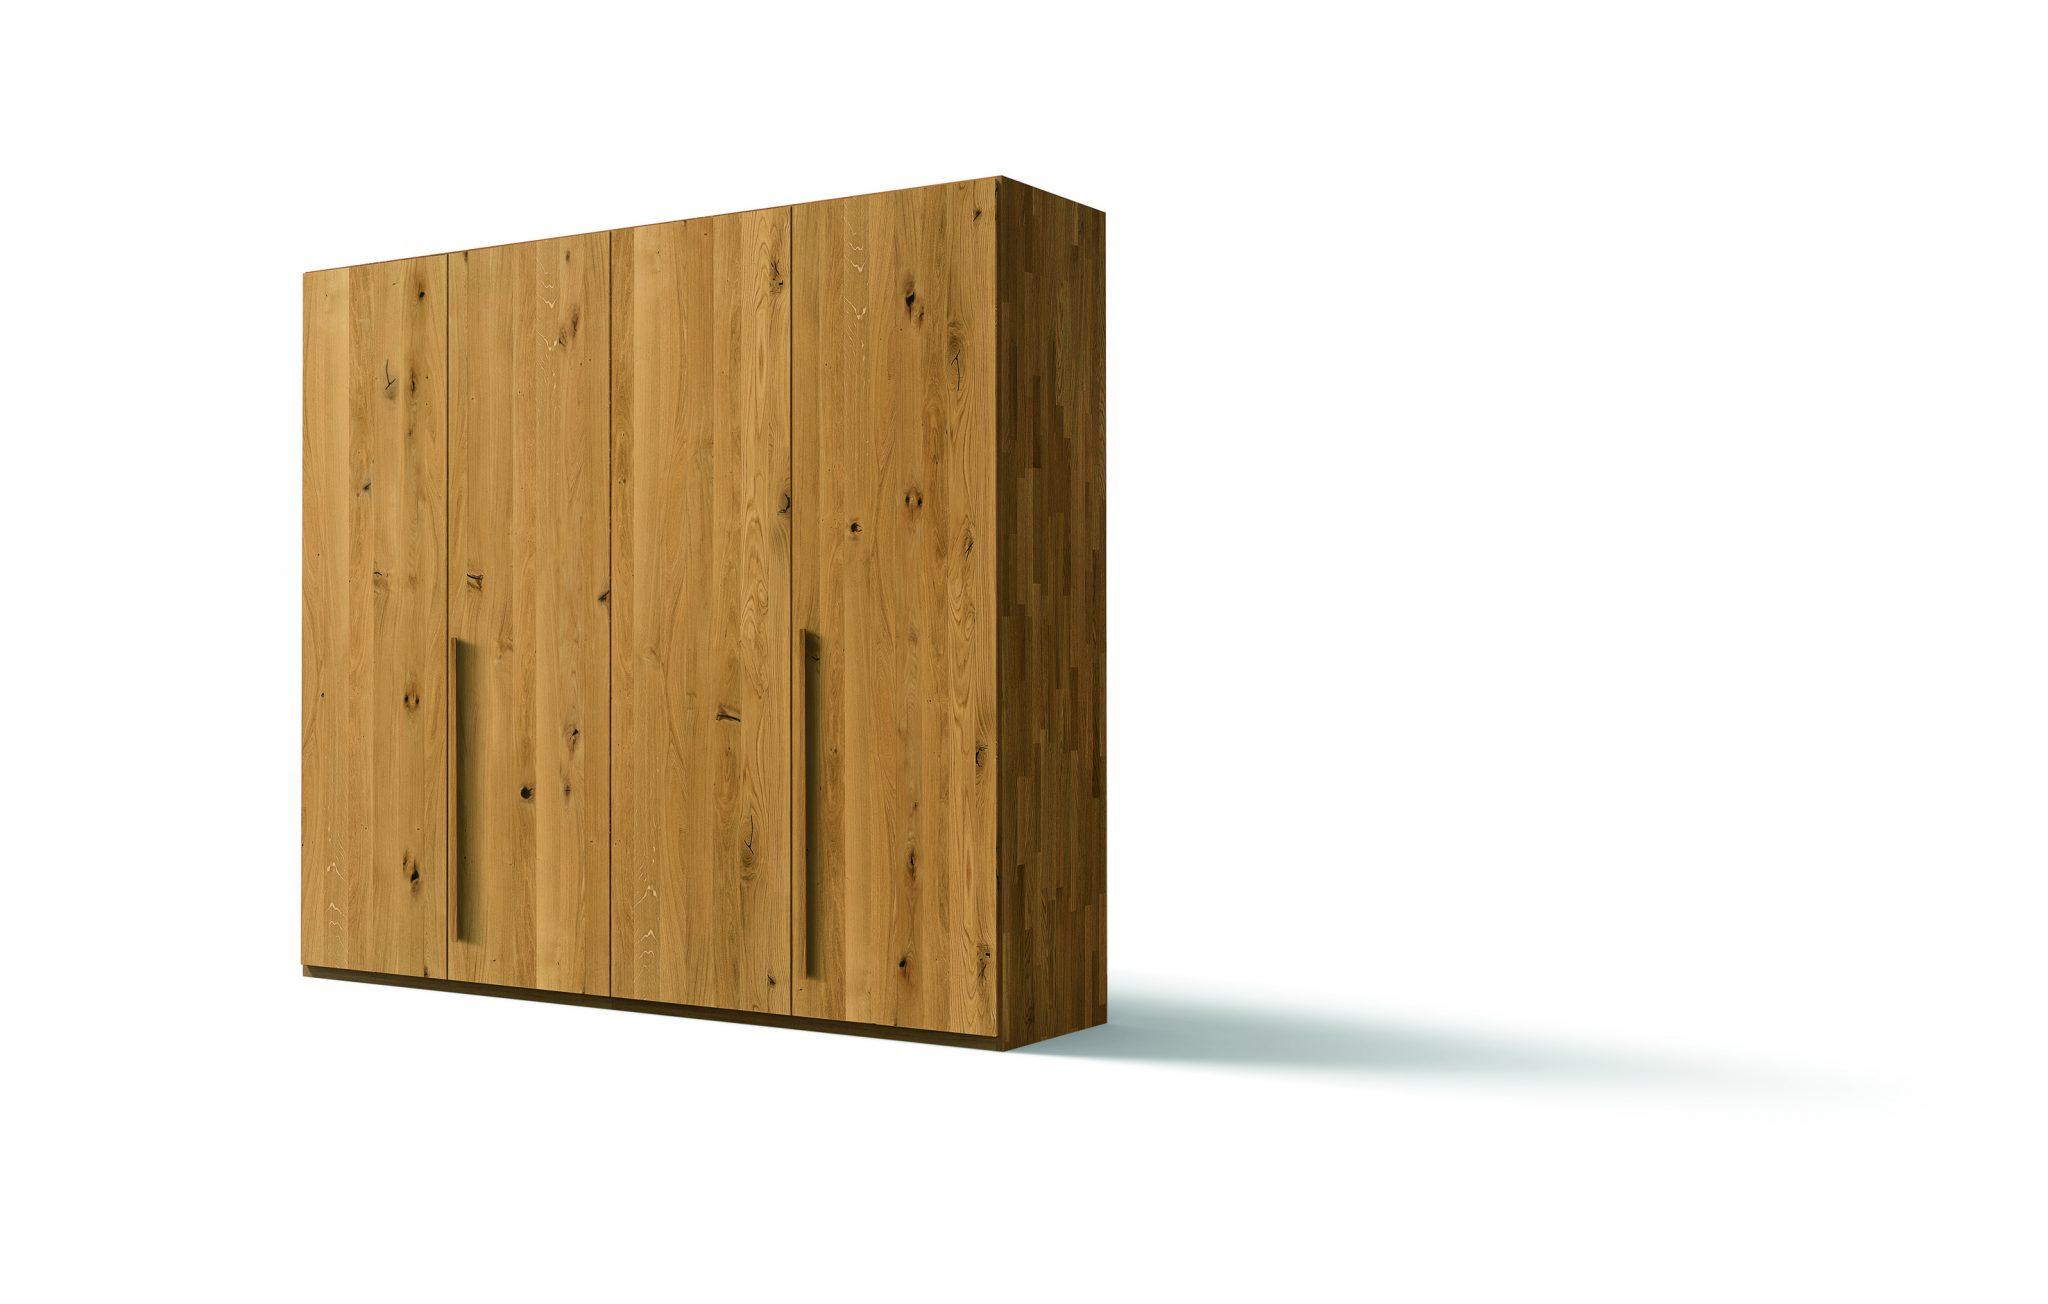 kleiderschrank soft von team 7 in eiche wild massiv ge lt 258 cm breit vorteilsedition. Black Bedroom Furniture Sets. Home Design Ideas